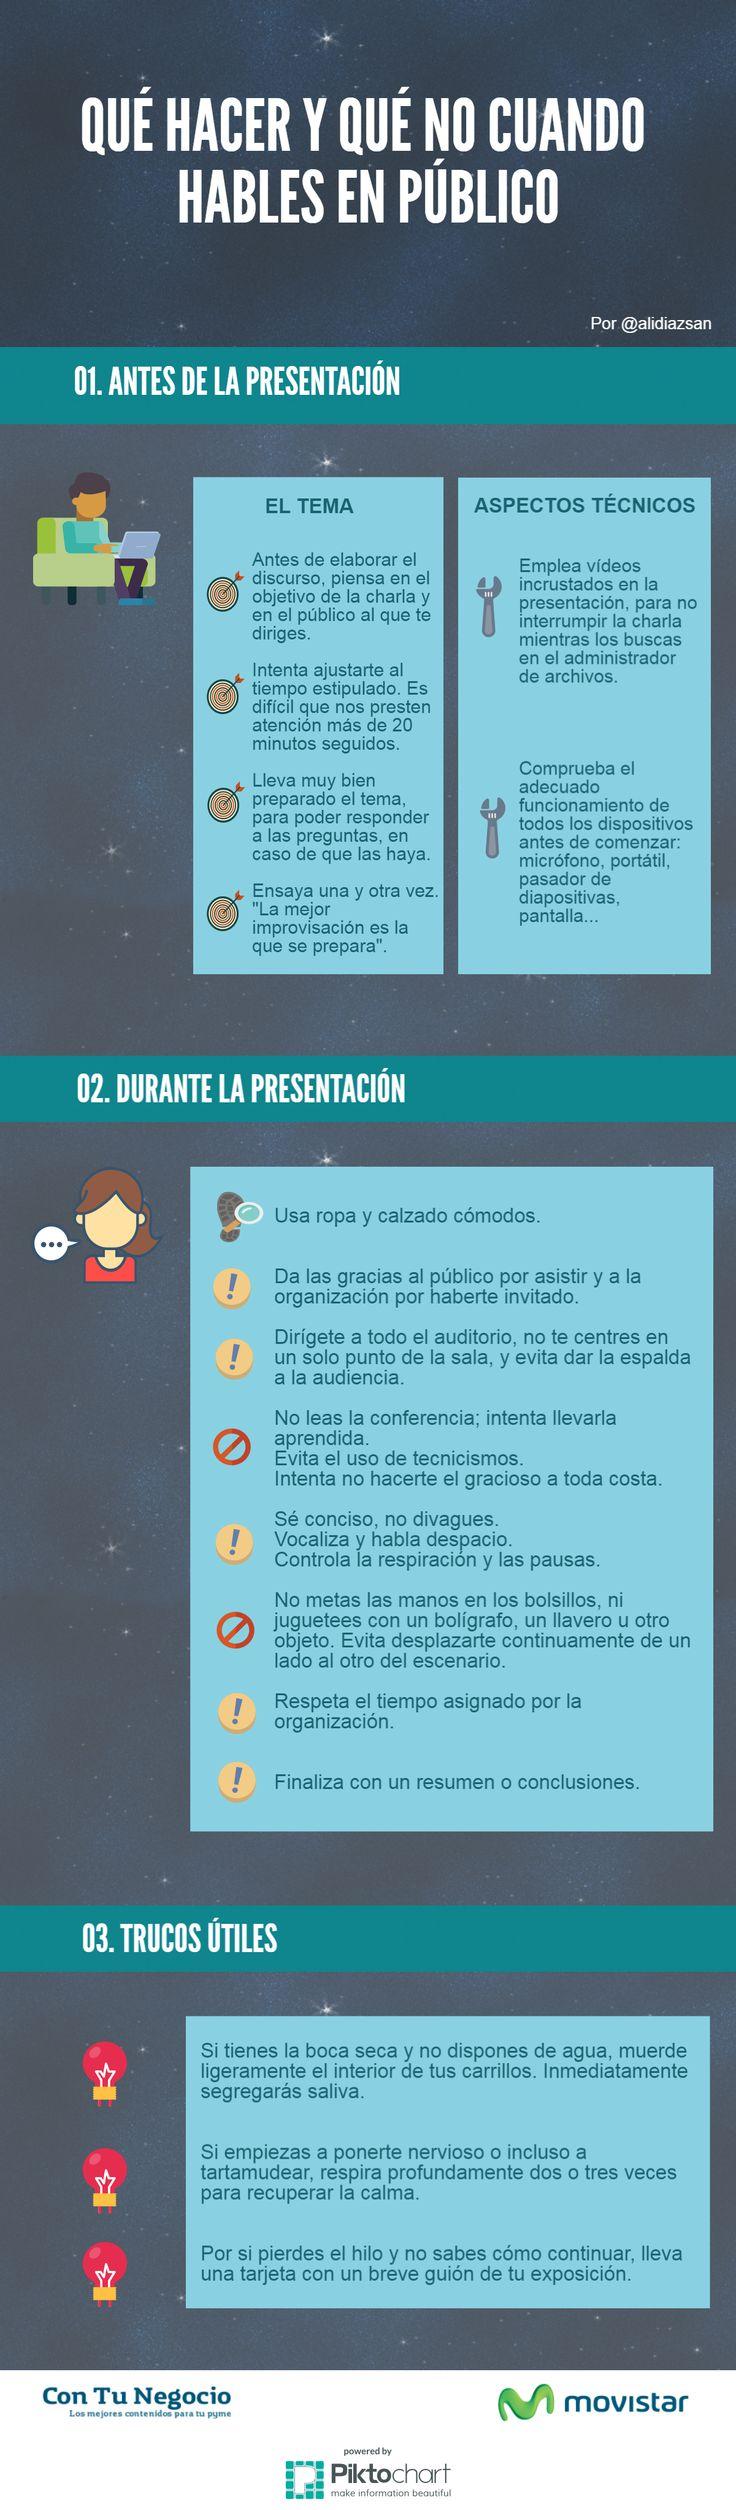 Qué hacer y qué no cuando hables en público #infografia